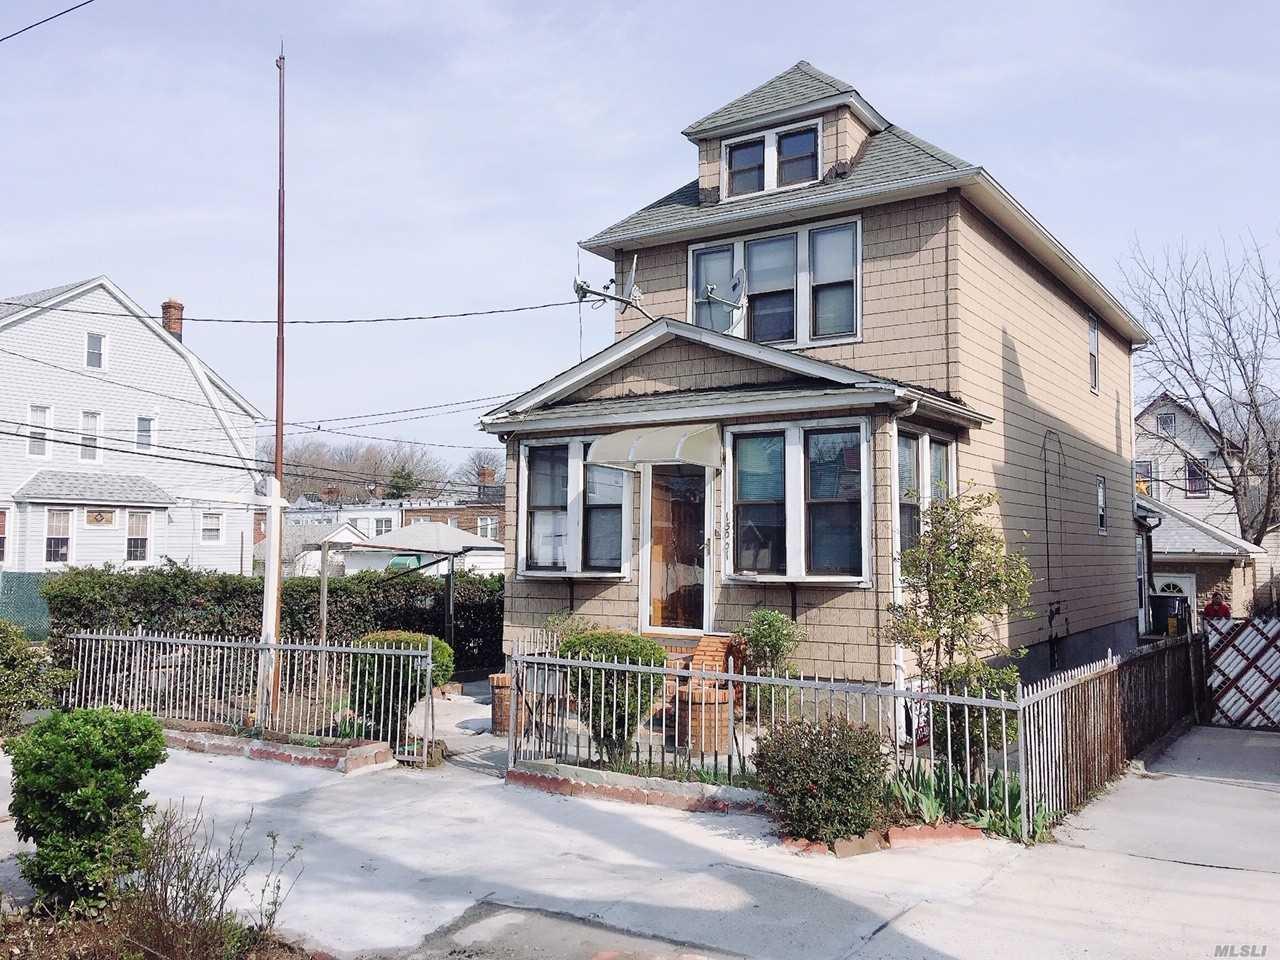 150-01 Coolidge Ave Briarwood, NY 11432